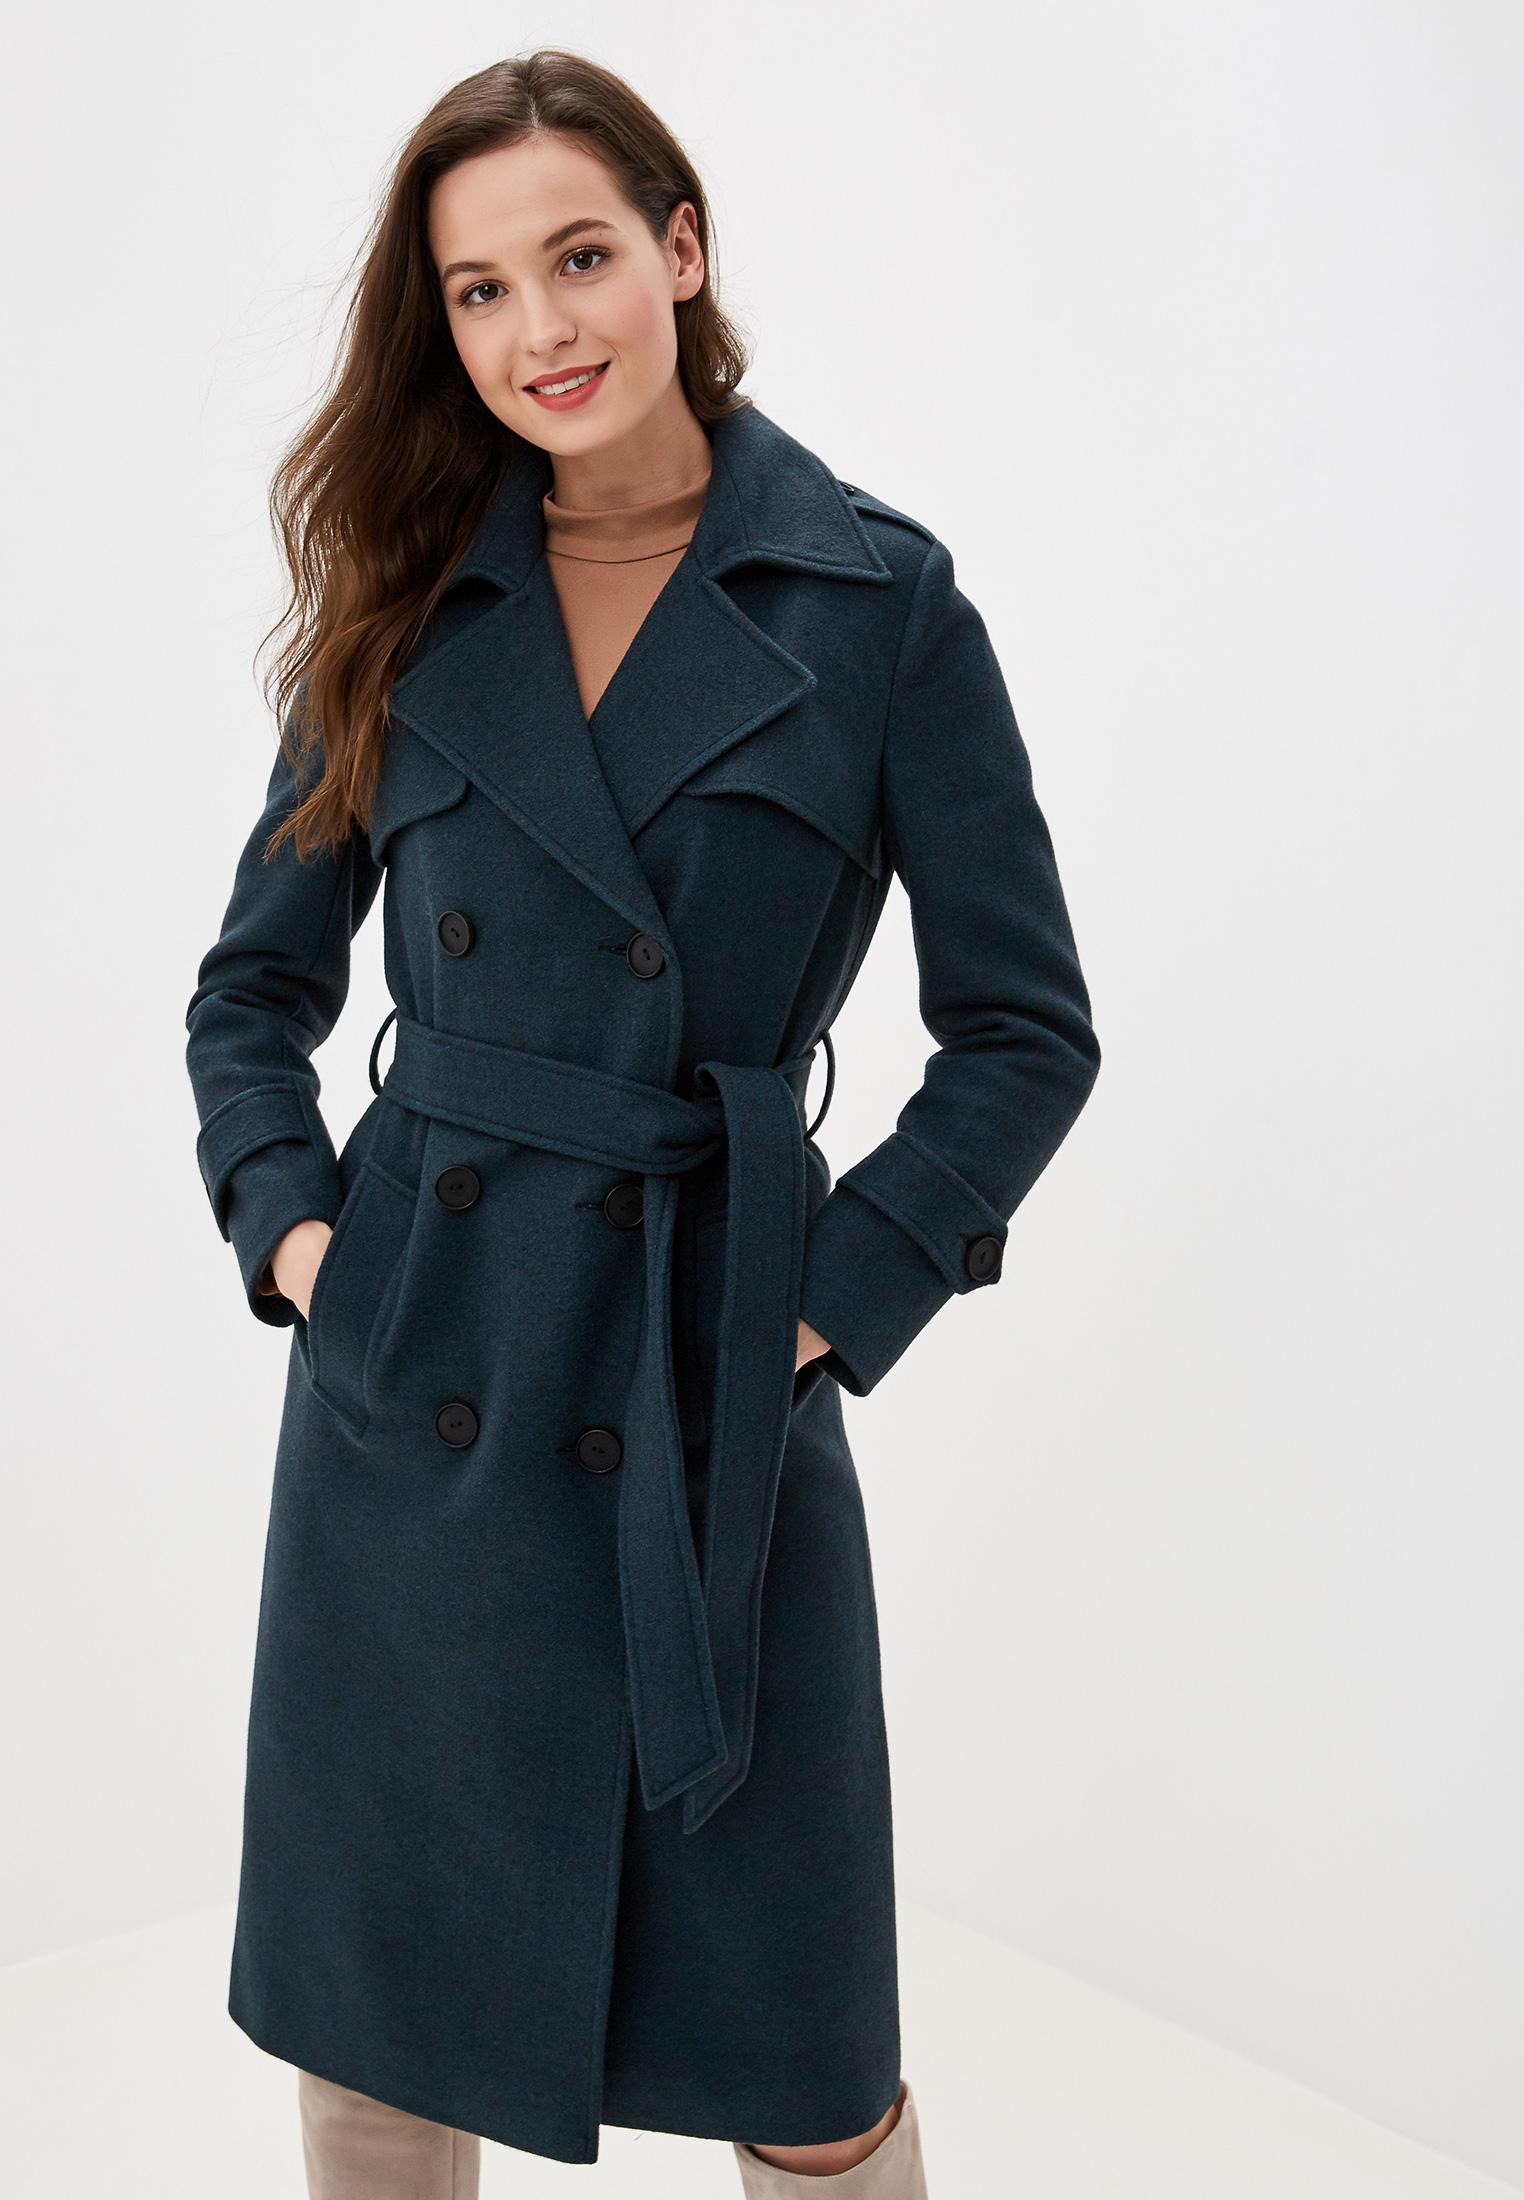 красивые женские пальто картинки наборы